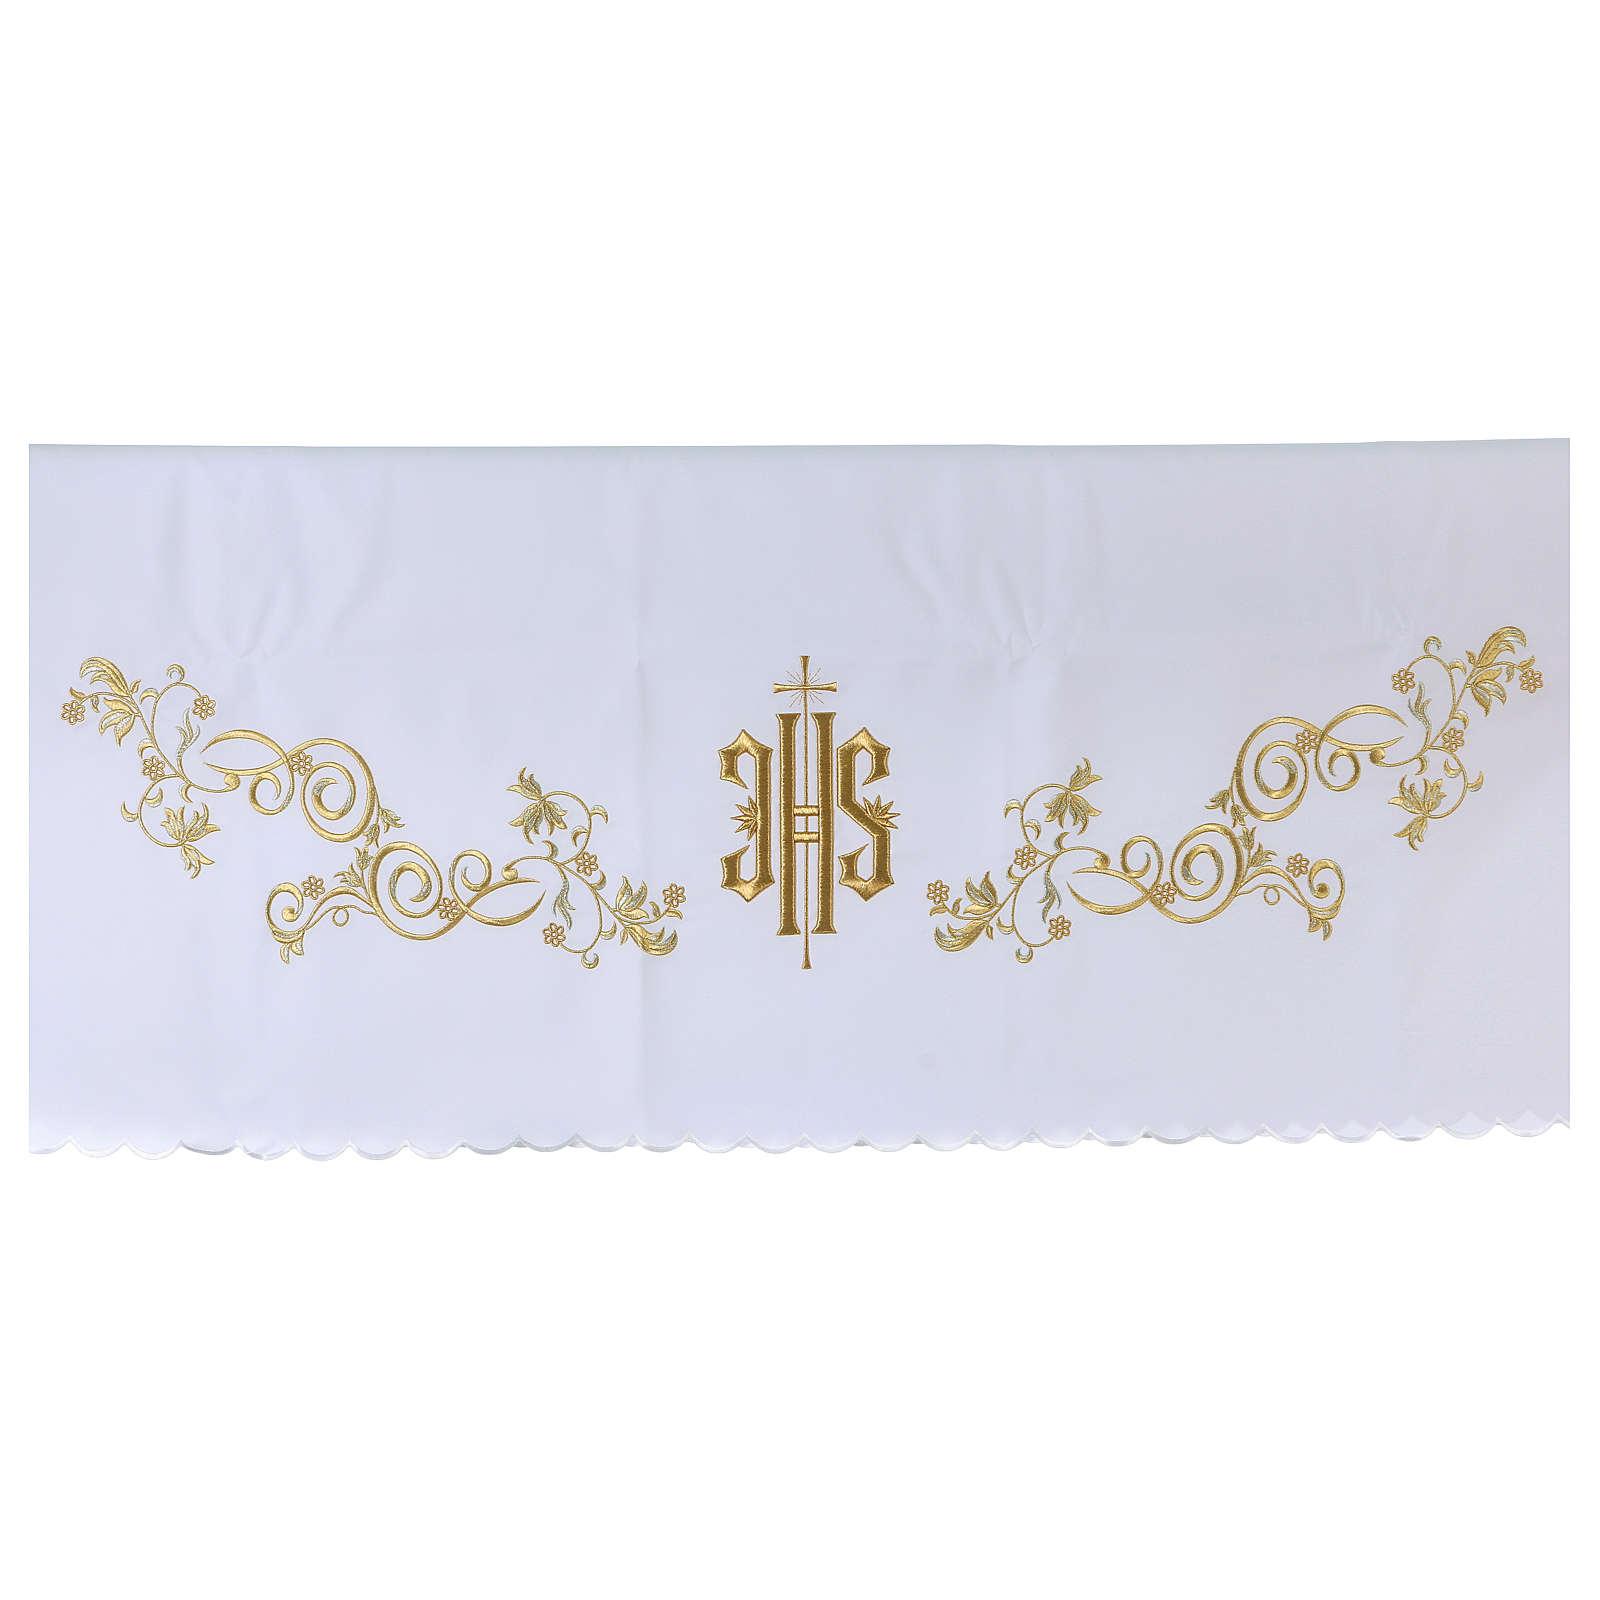 Toalha altar 165x300 cm bordado dourado estilo barroco 4